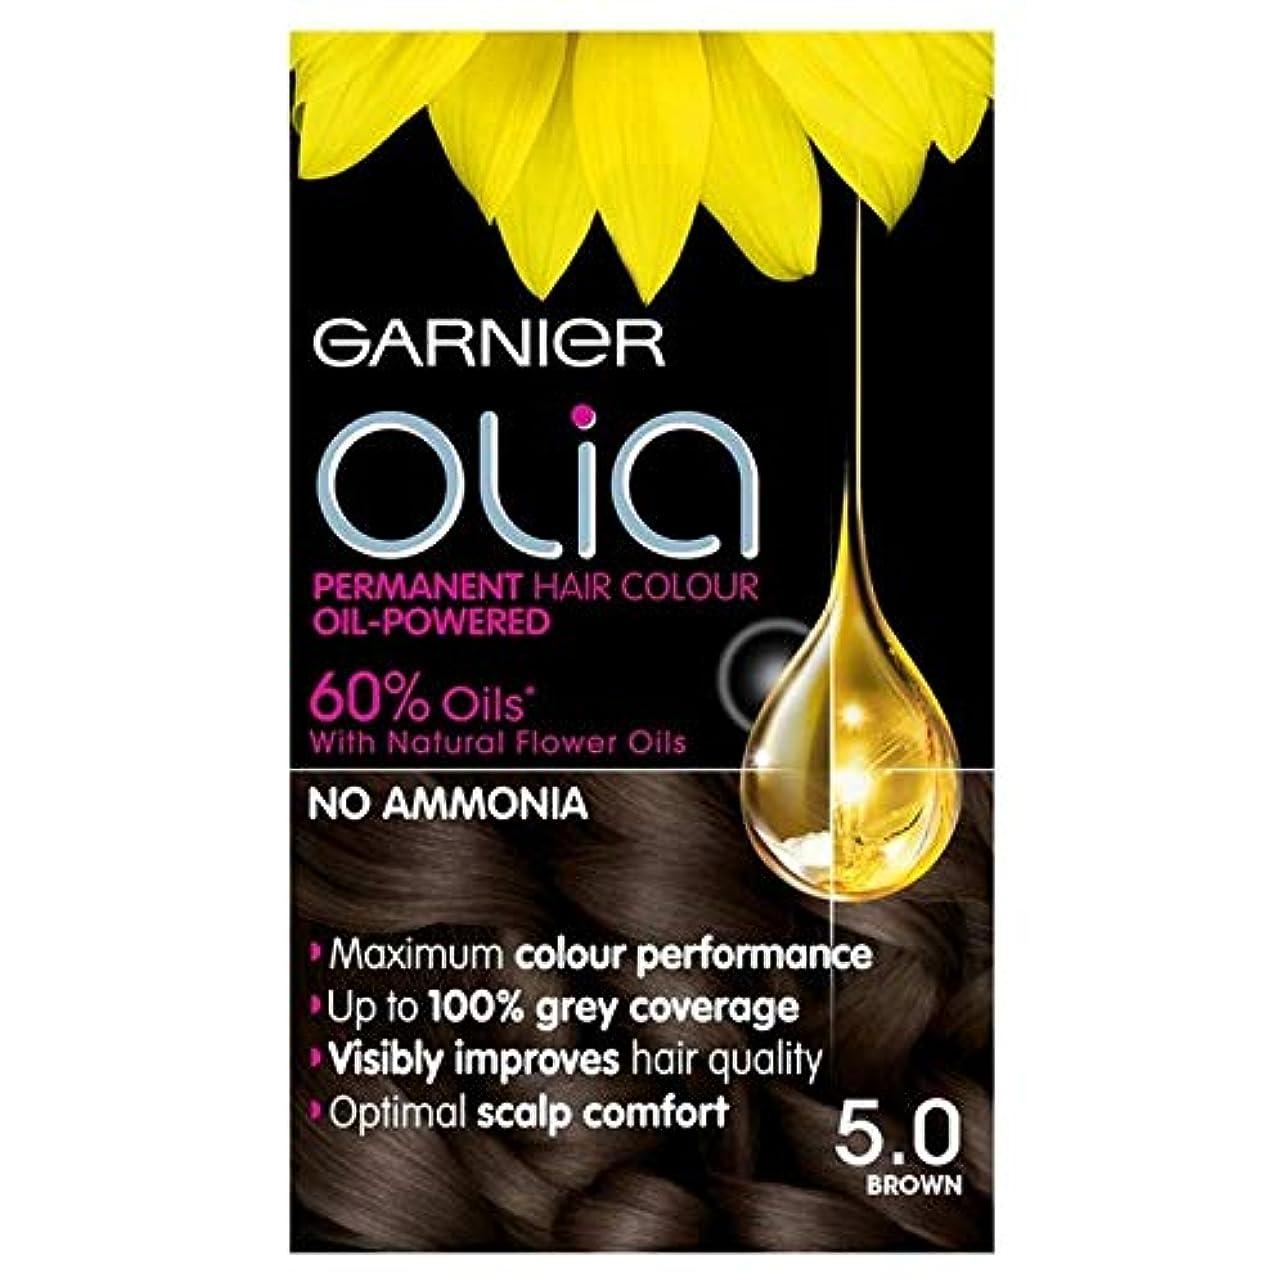 脚本シャットビリー[Garnier ] 5.0茶色の永久染毛剤Oliaガルニエ - Garnier Olia 5.0 Brown Permanent Hair Dye [並行輸入品]